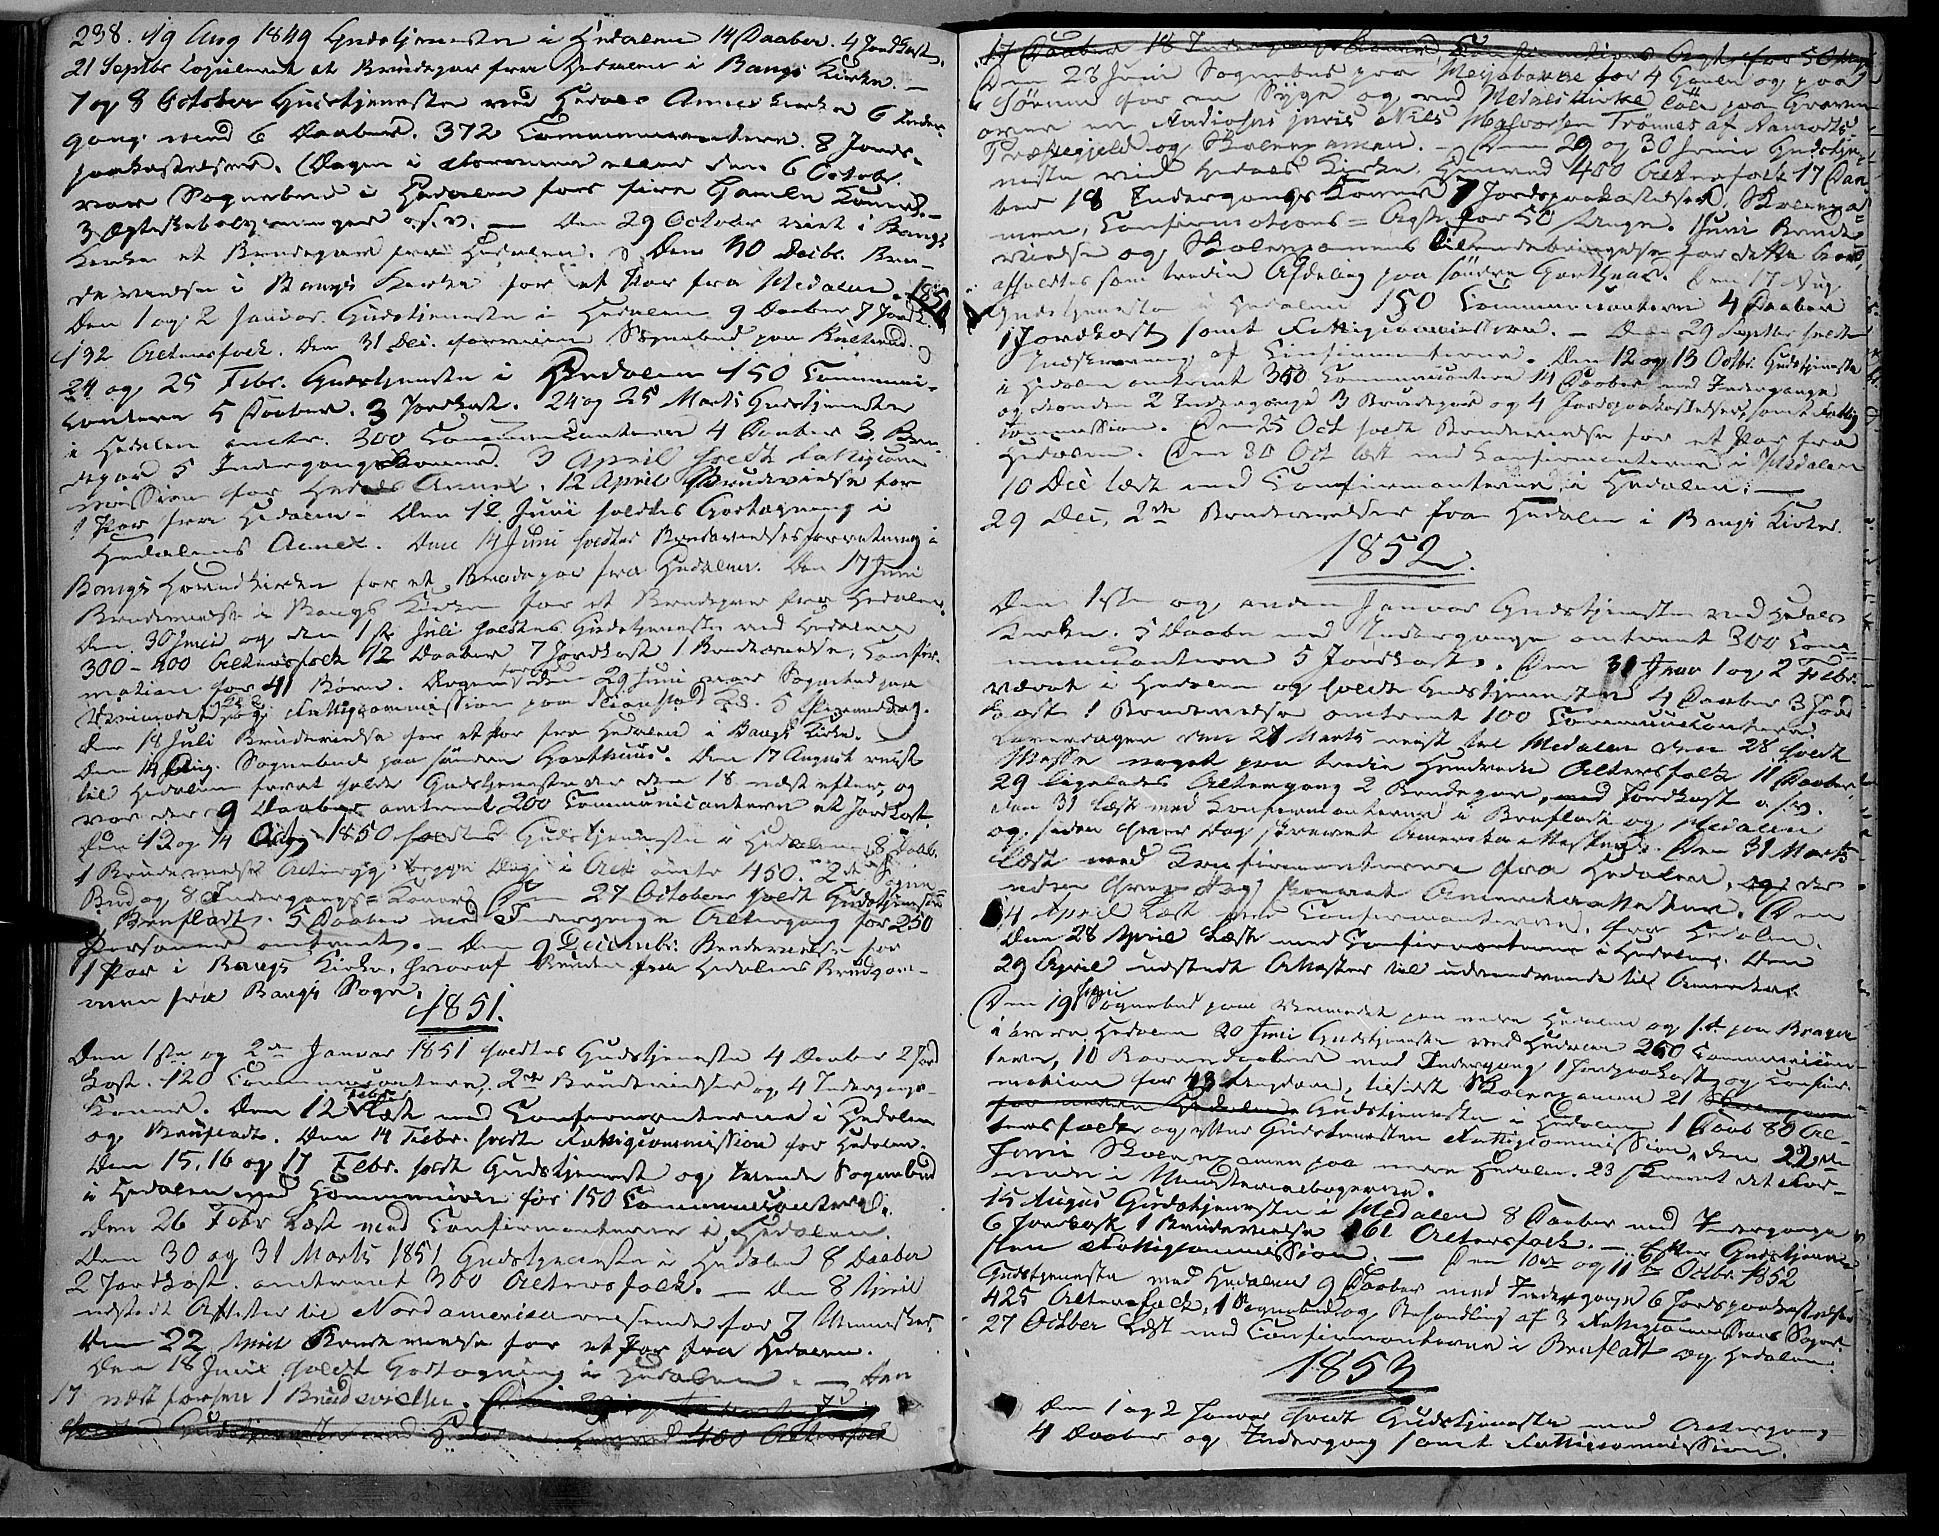 SAH, Sør-Aurdal prestekontor, Ministerialbok nr. 7, 1849-1876, s. 238